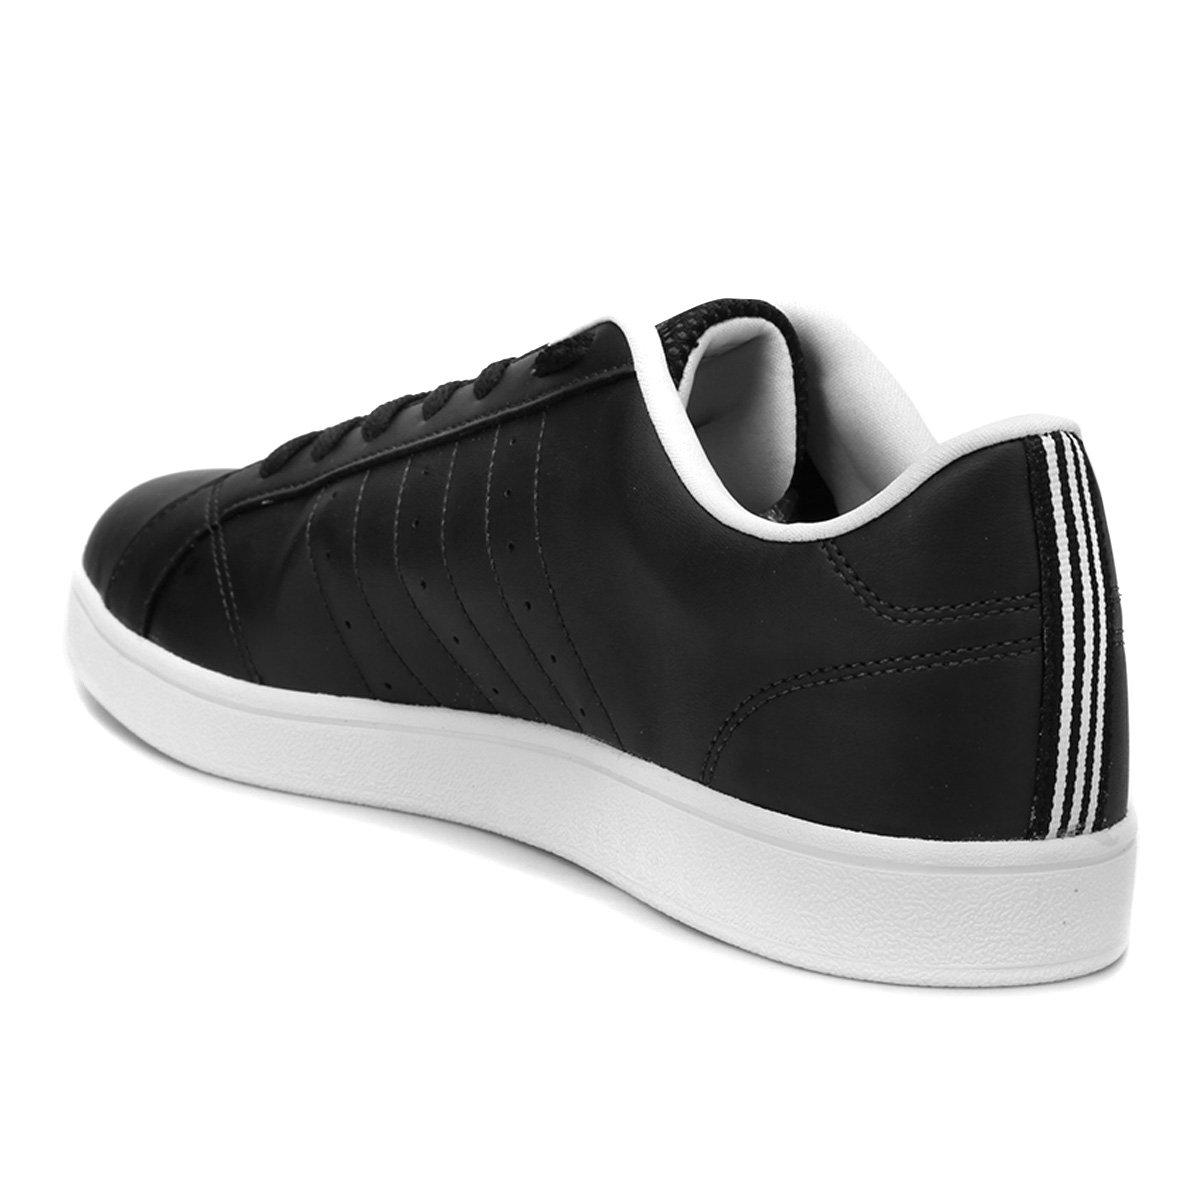 39c6a1fe3d Tênis Adidas Advantage Vs - Preto e Branco - Compre Agora